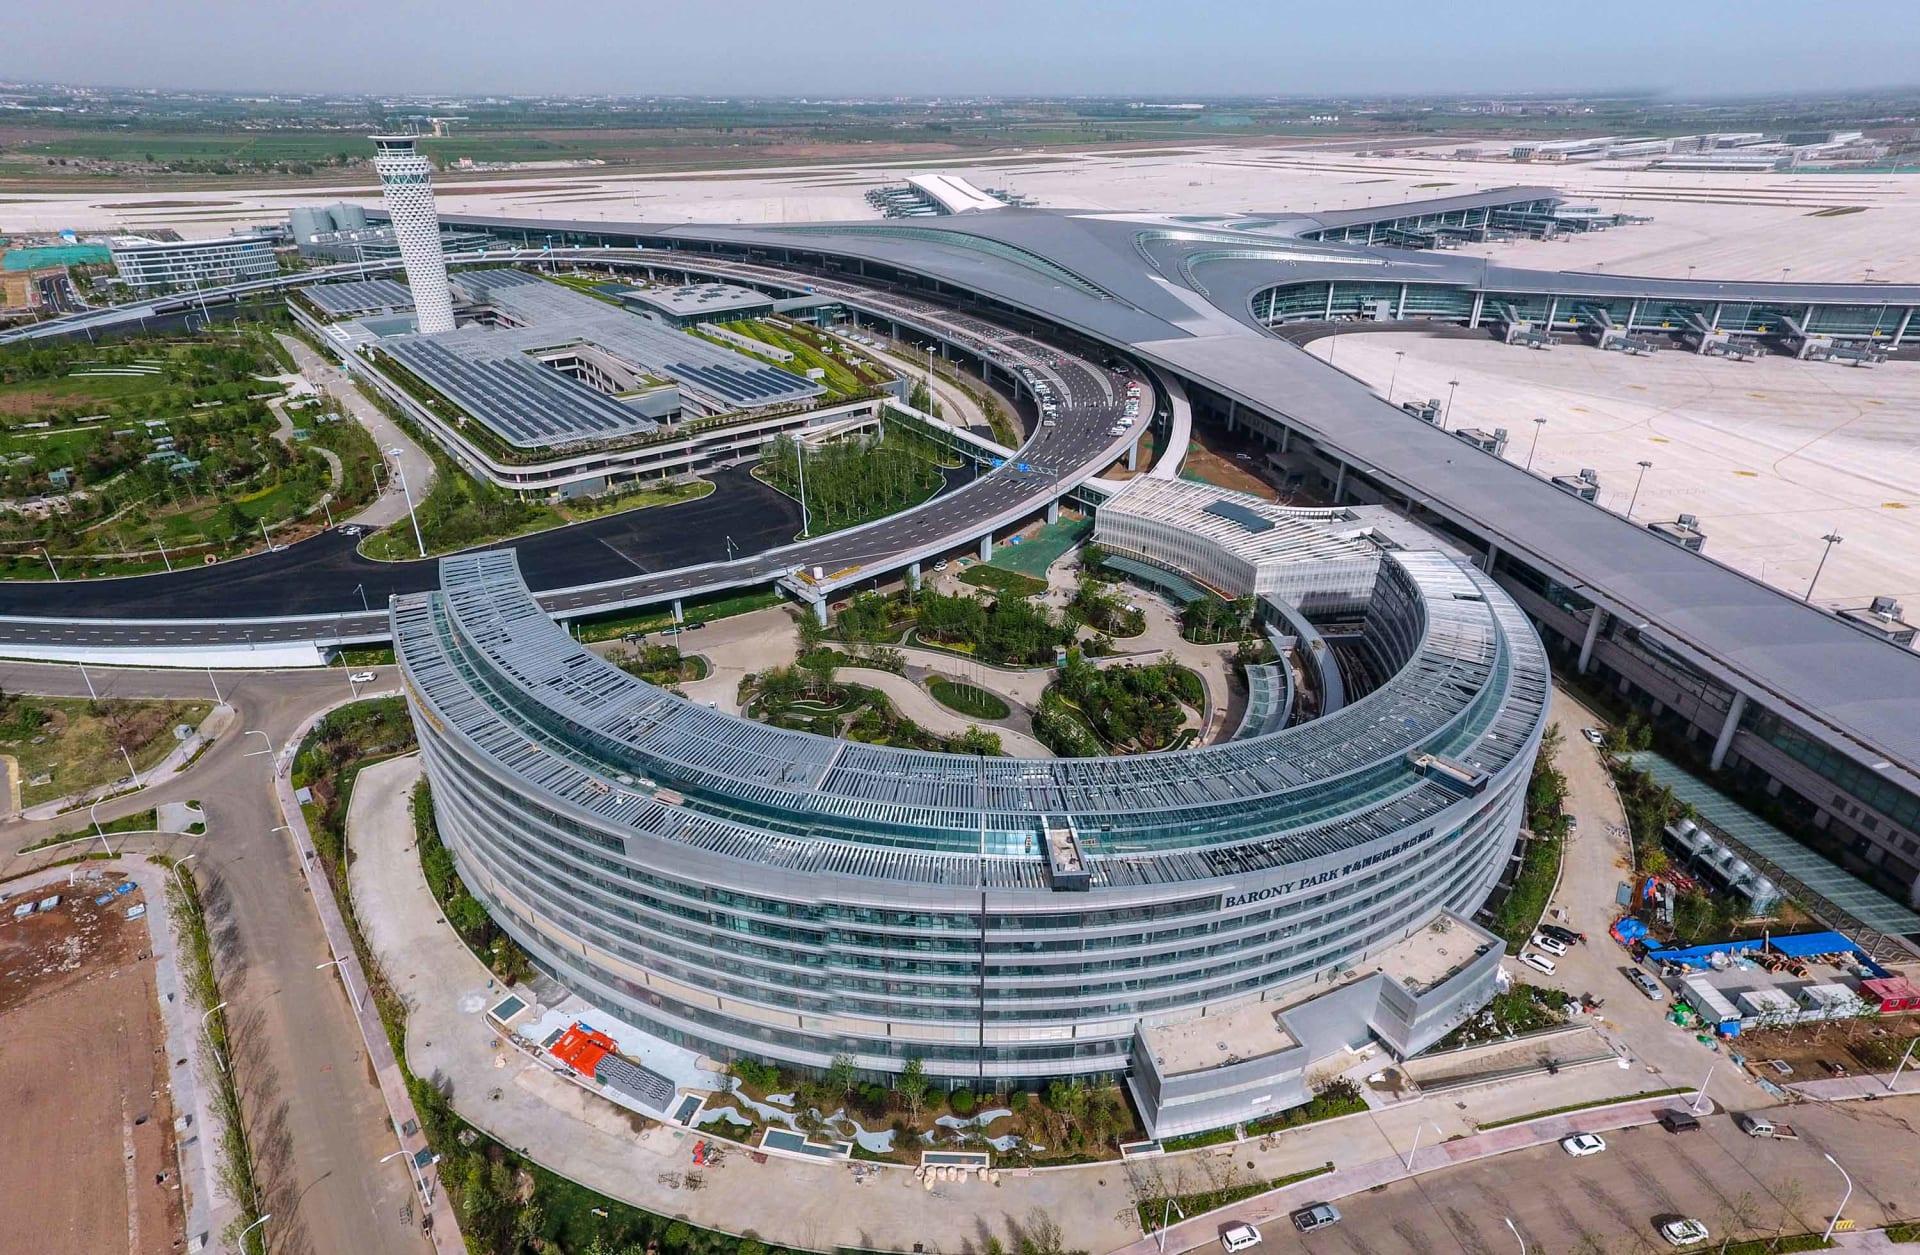 مطار غينغادو جياودونغ الدولي الجديد